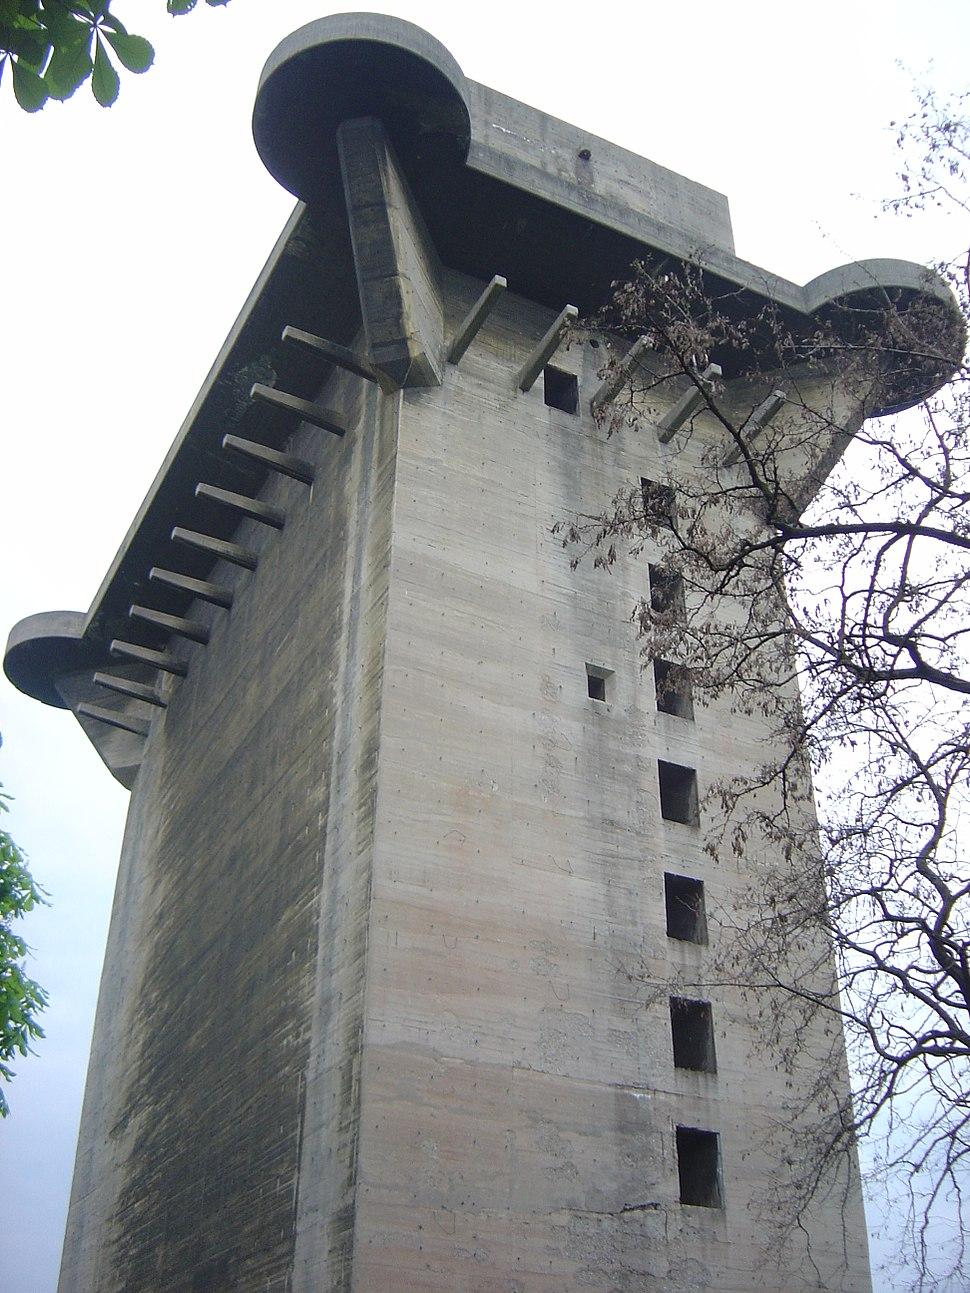 Vienna flak tower dsc01594